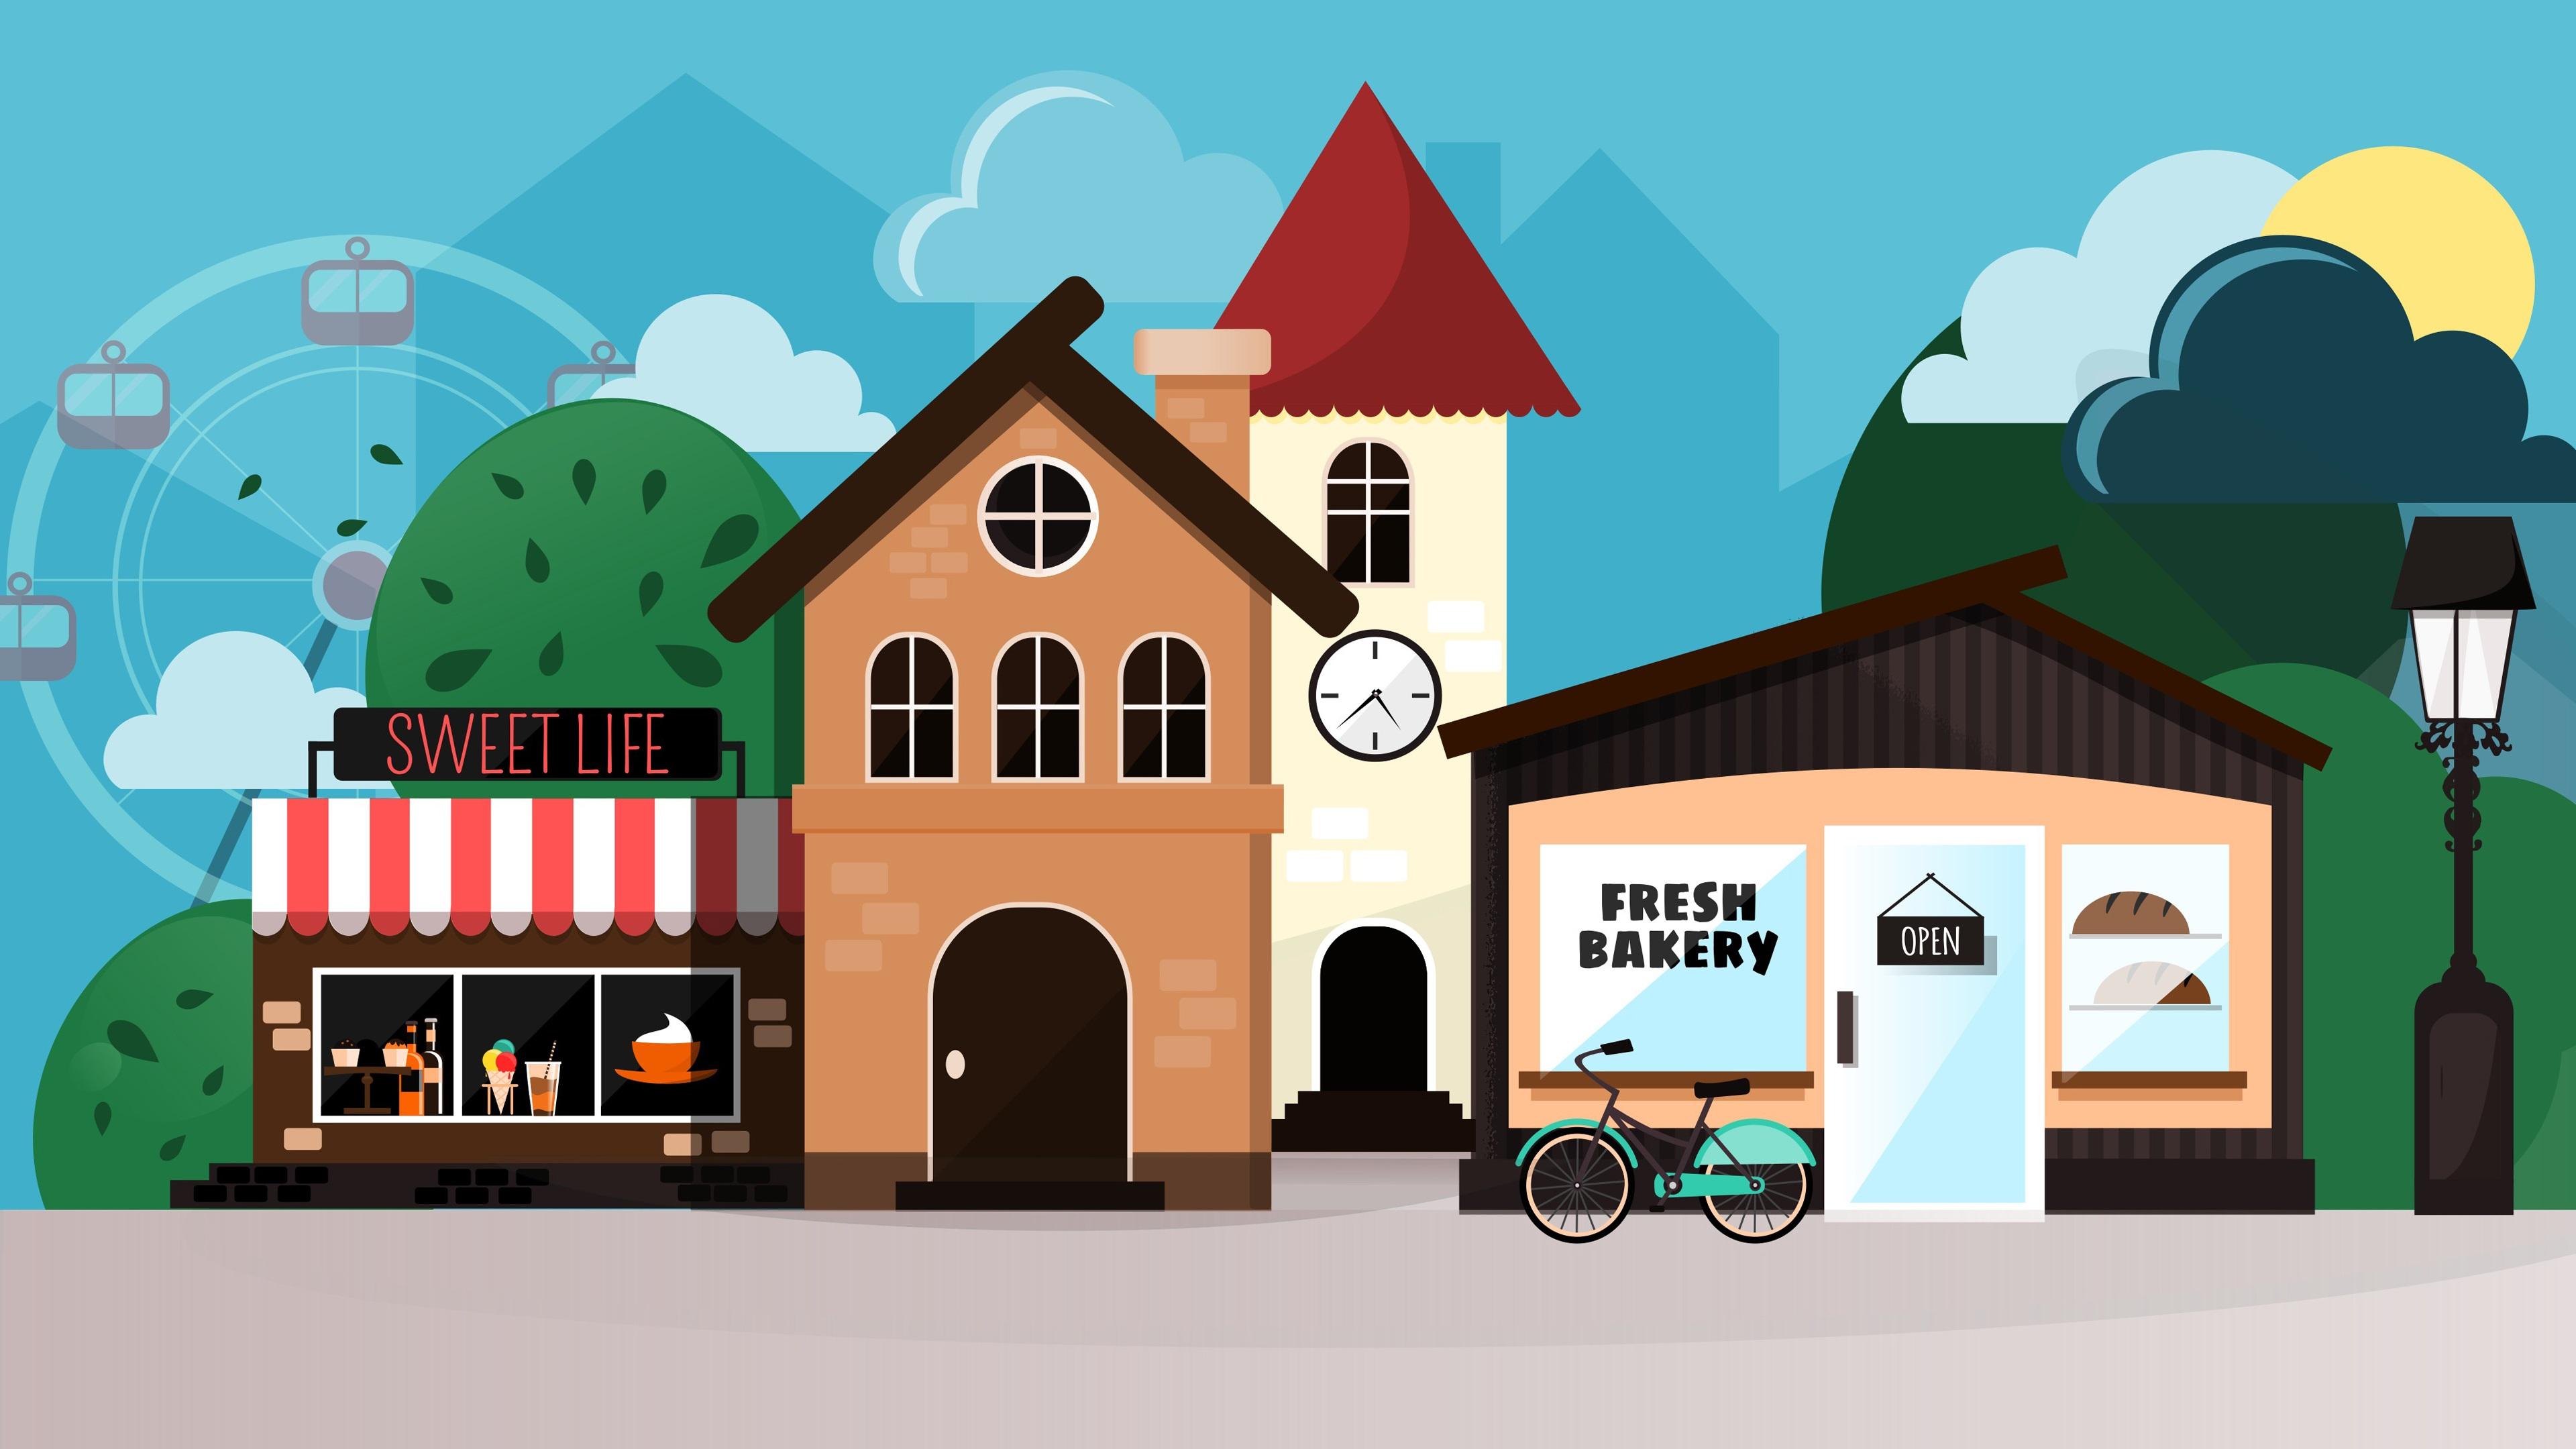 сцене картинка домик с улицами этот момент